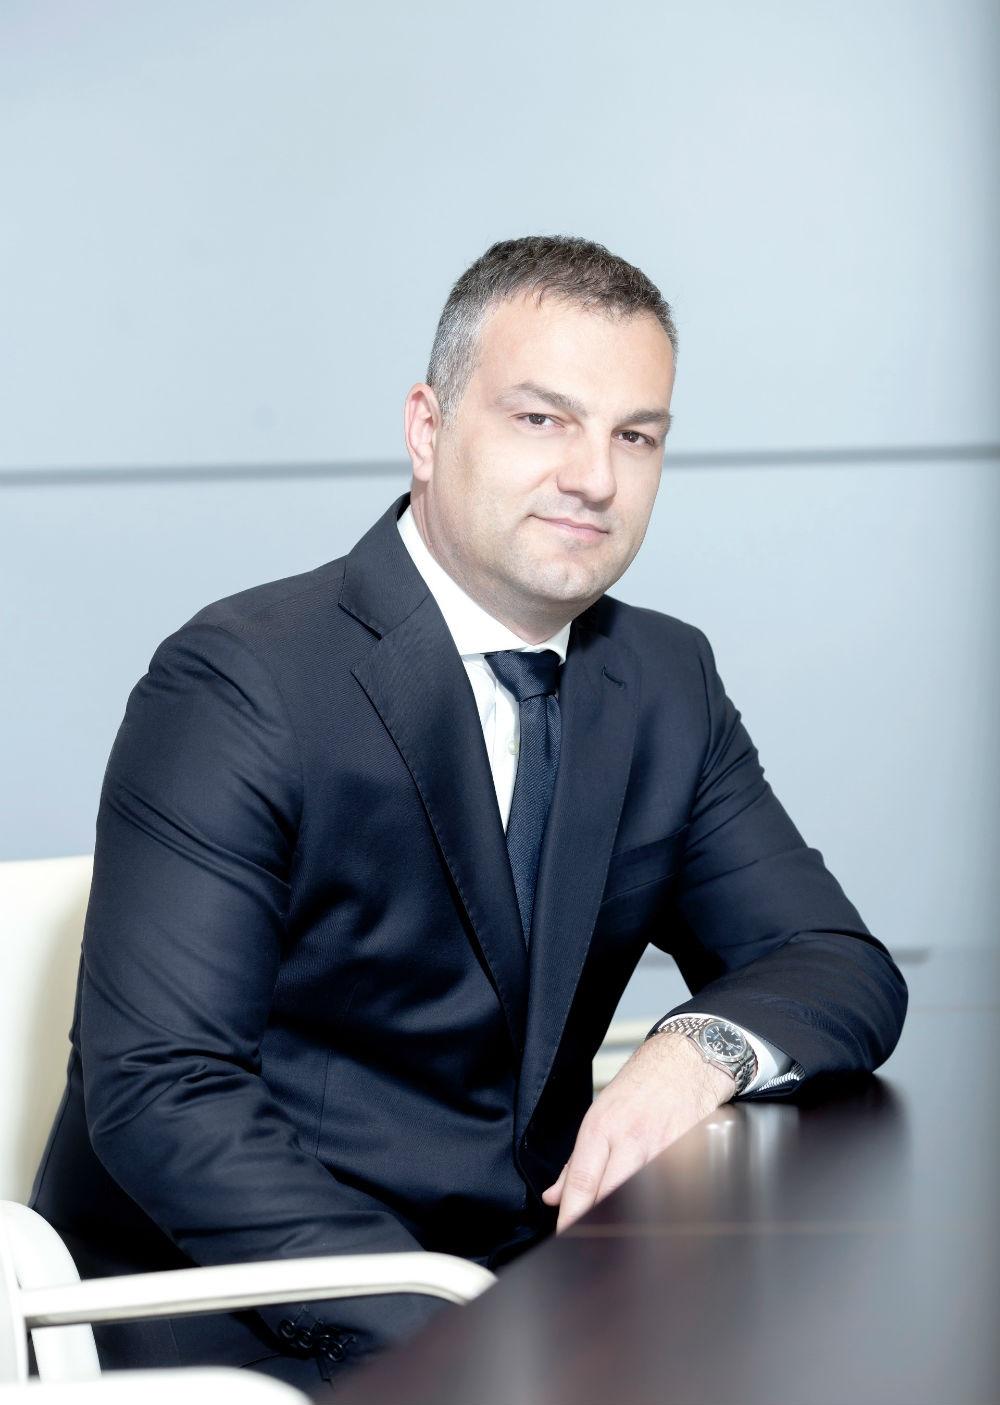 Mogućnosti liječenja Lysobact®-om predstavljene u Frankfurtu